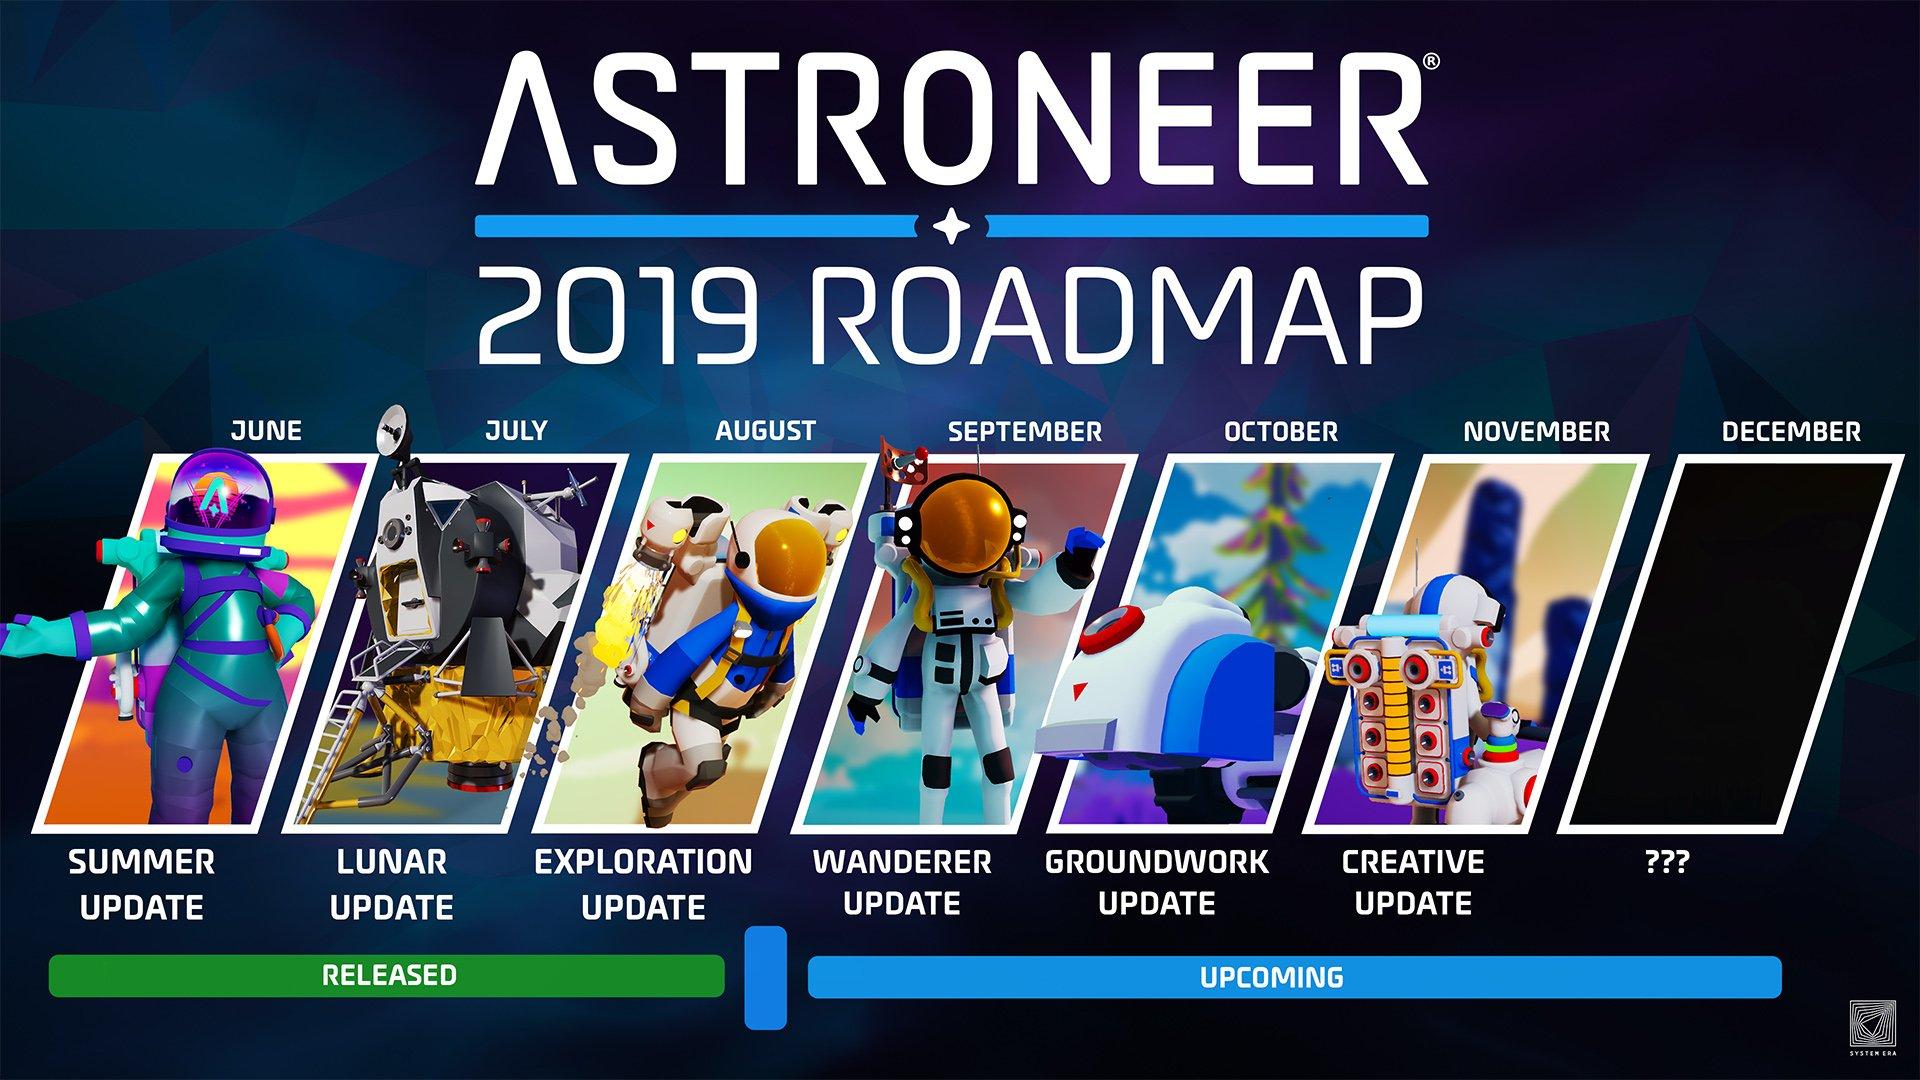 Astroneer 2019 roadmap